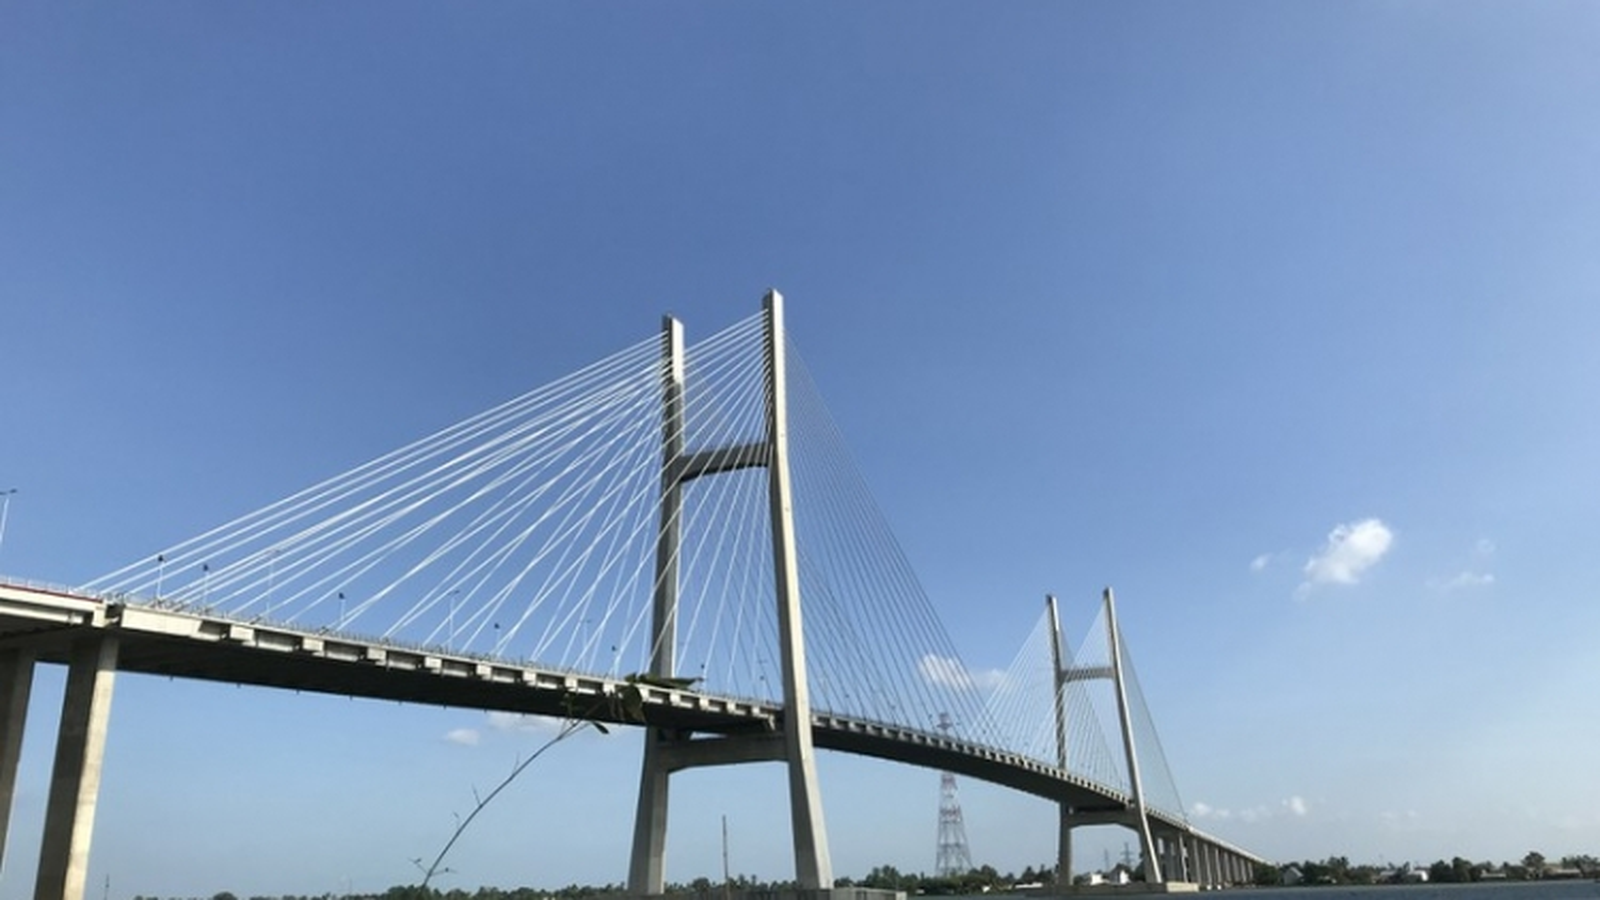 Ảnh: Những công trình giao thông thay đổi diện mạo Đồng bằng Châu thổ